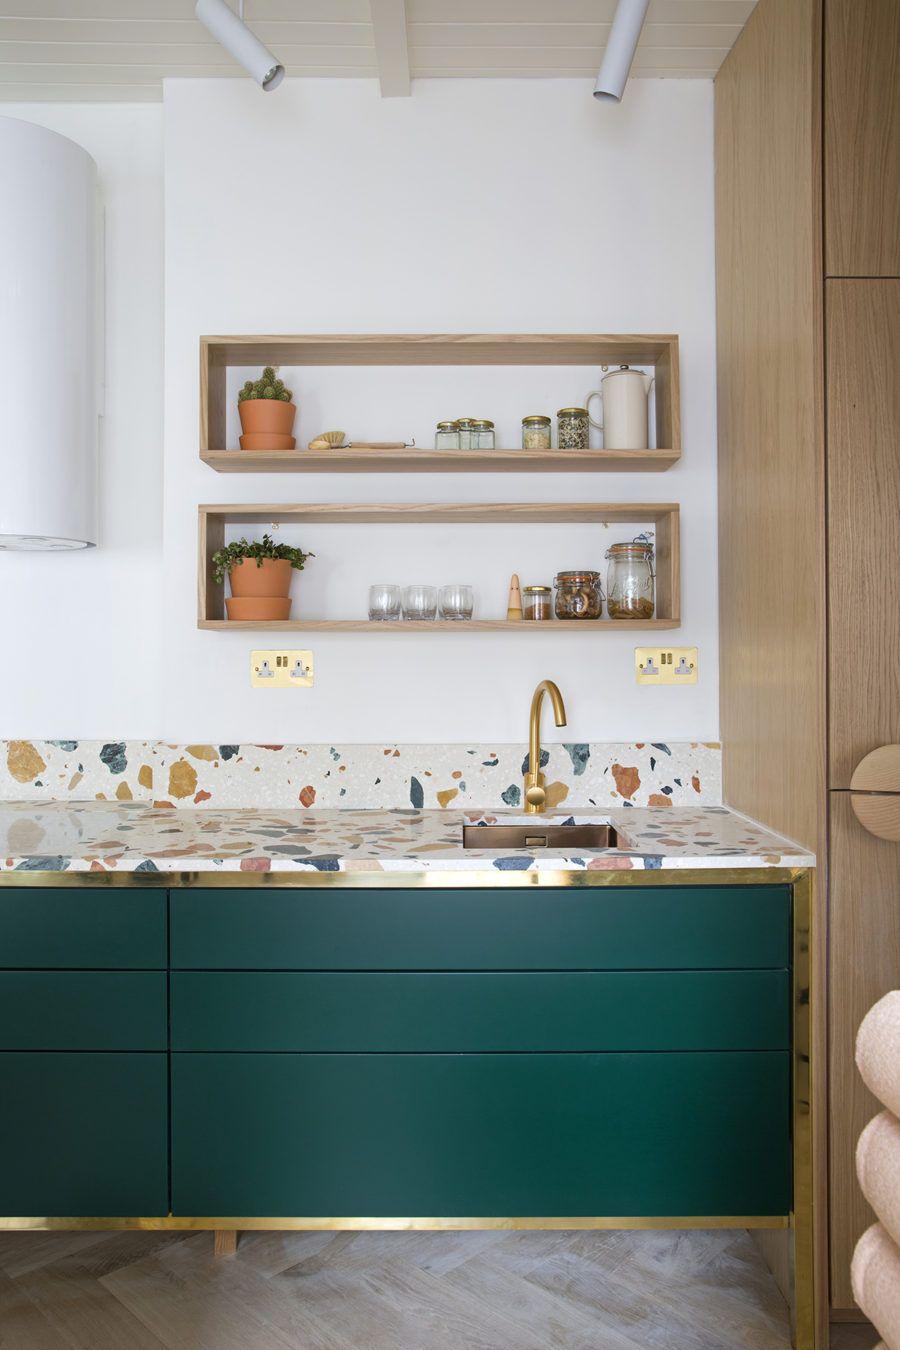 What A Cool Countertop Brass Hardware Green Vanity Wow Wow Wow Die Farbe Der Kuche Und Arbeit Interior Design Kitchen Kitchen Trends Kitchen Renovation